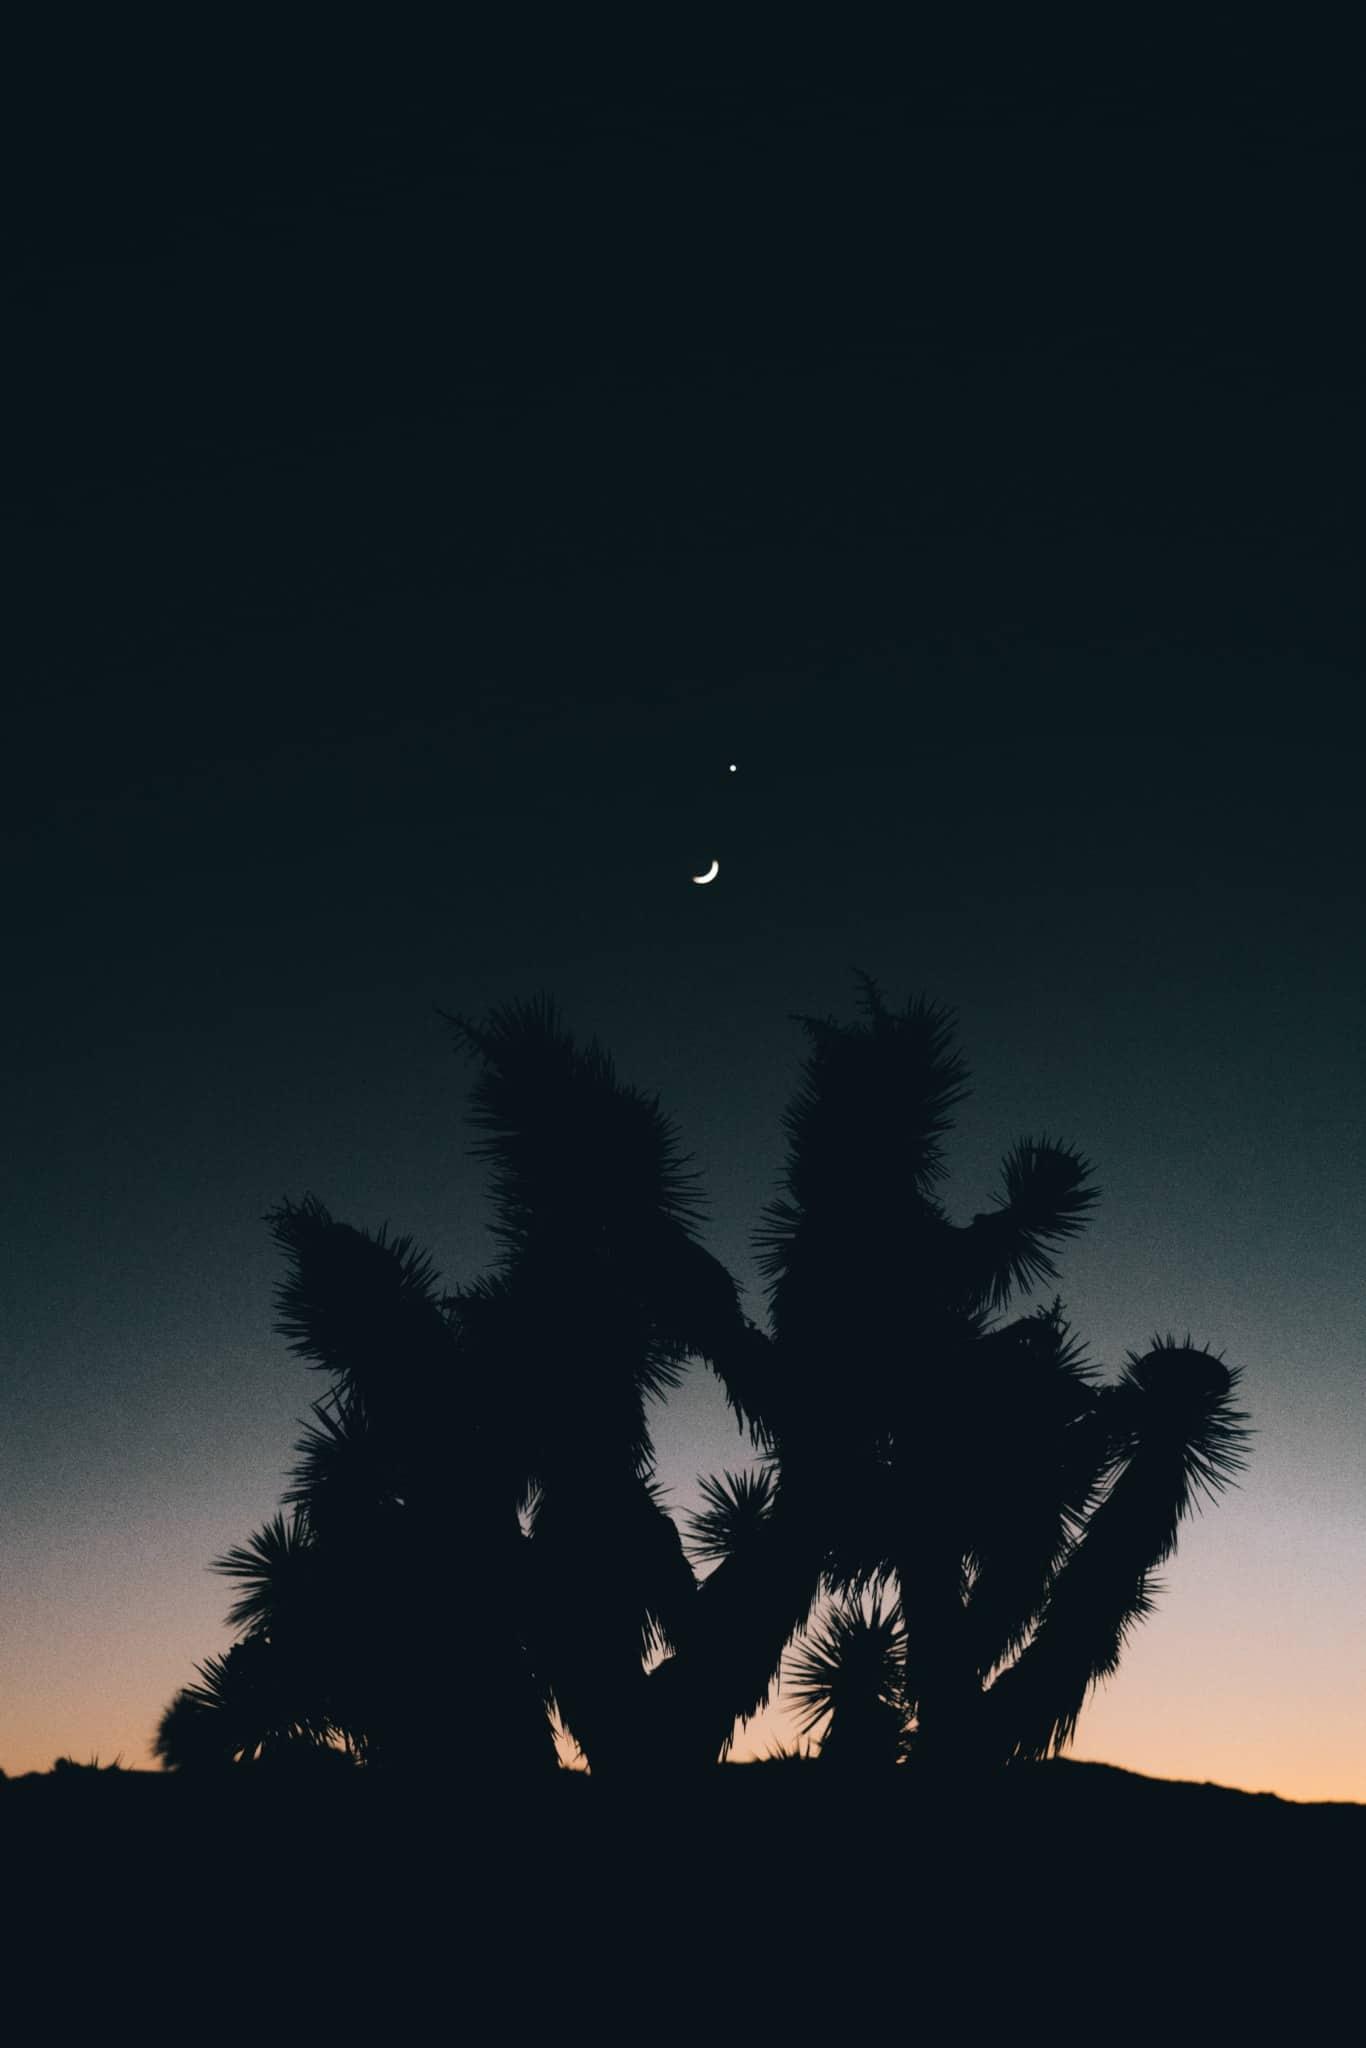 La lune en astrologie